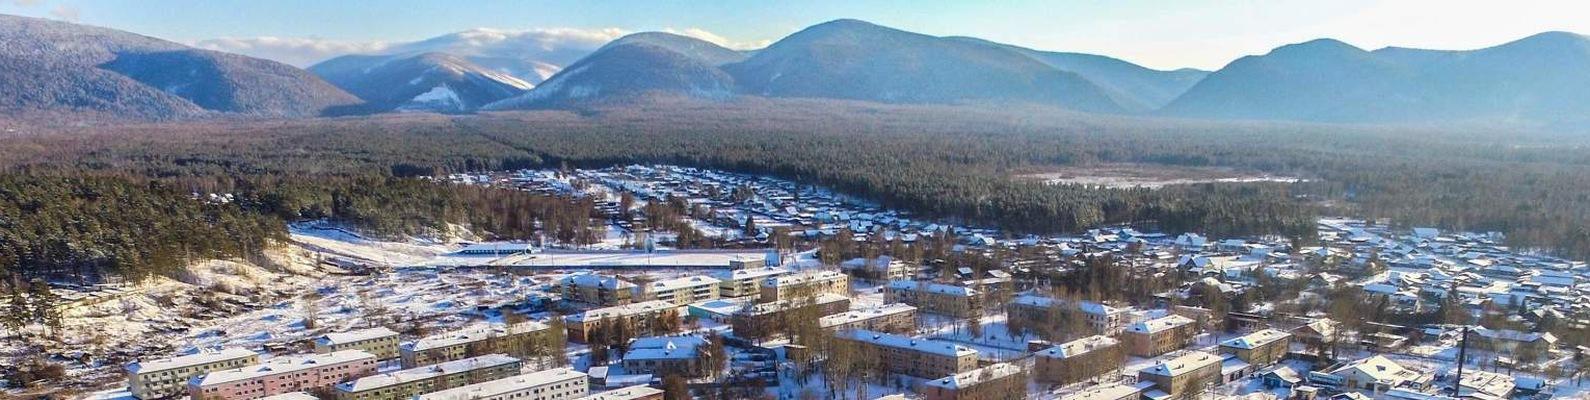 этом поселок селенгинск кабанского района в картинках отличить